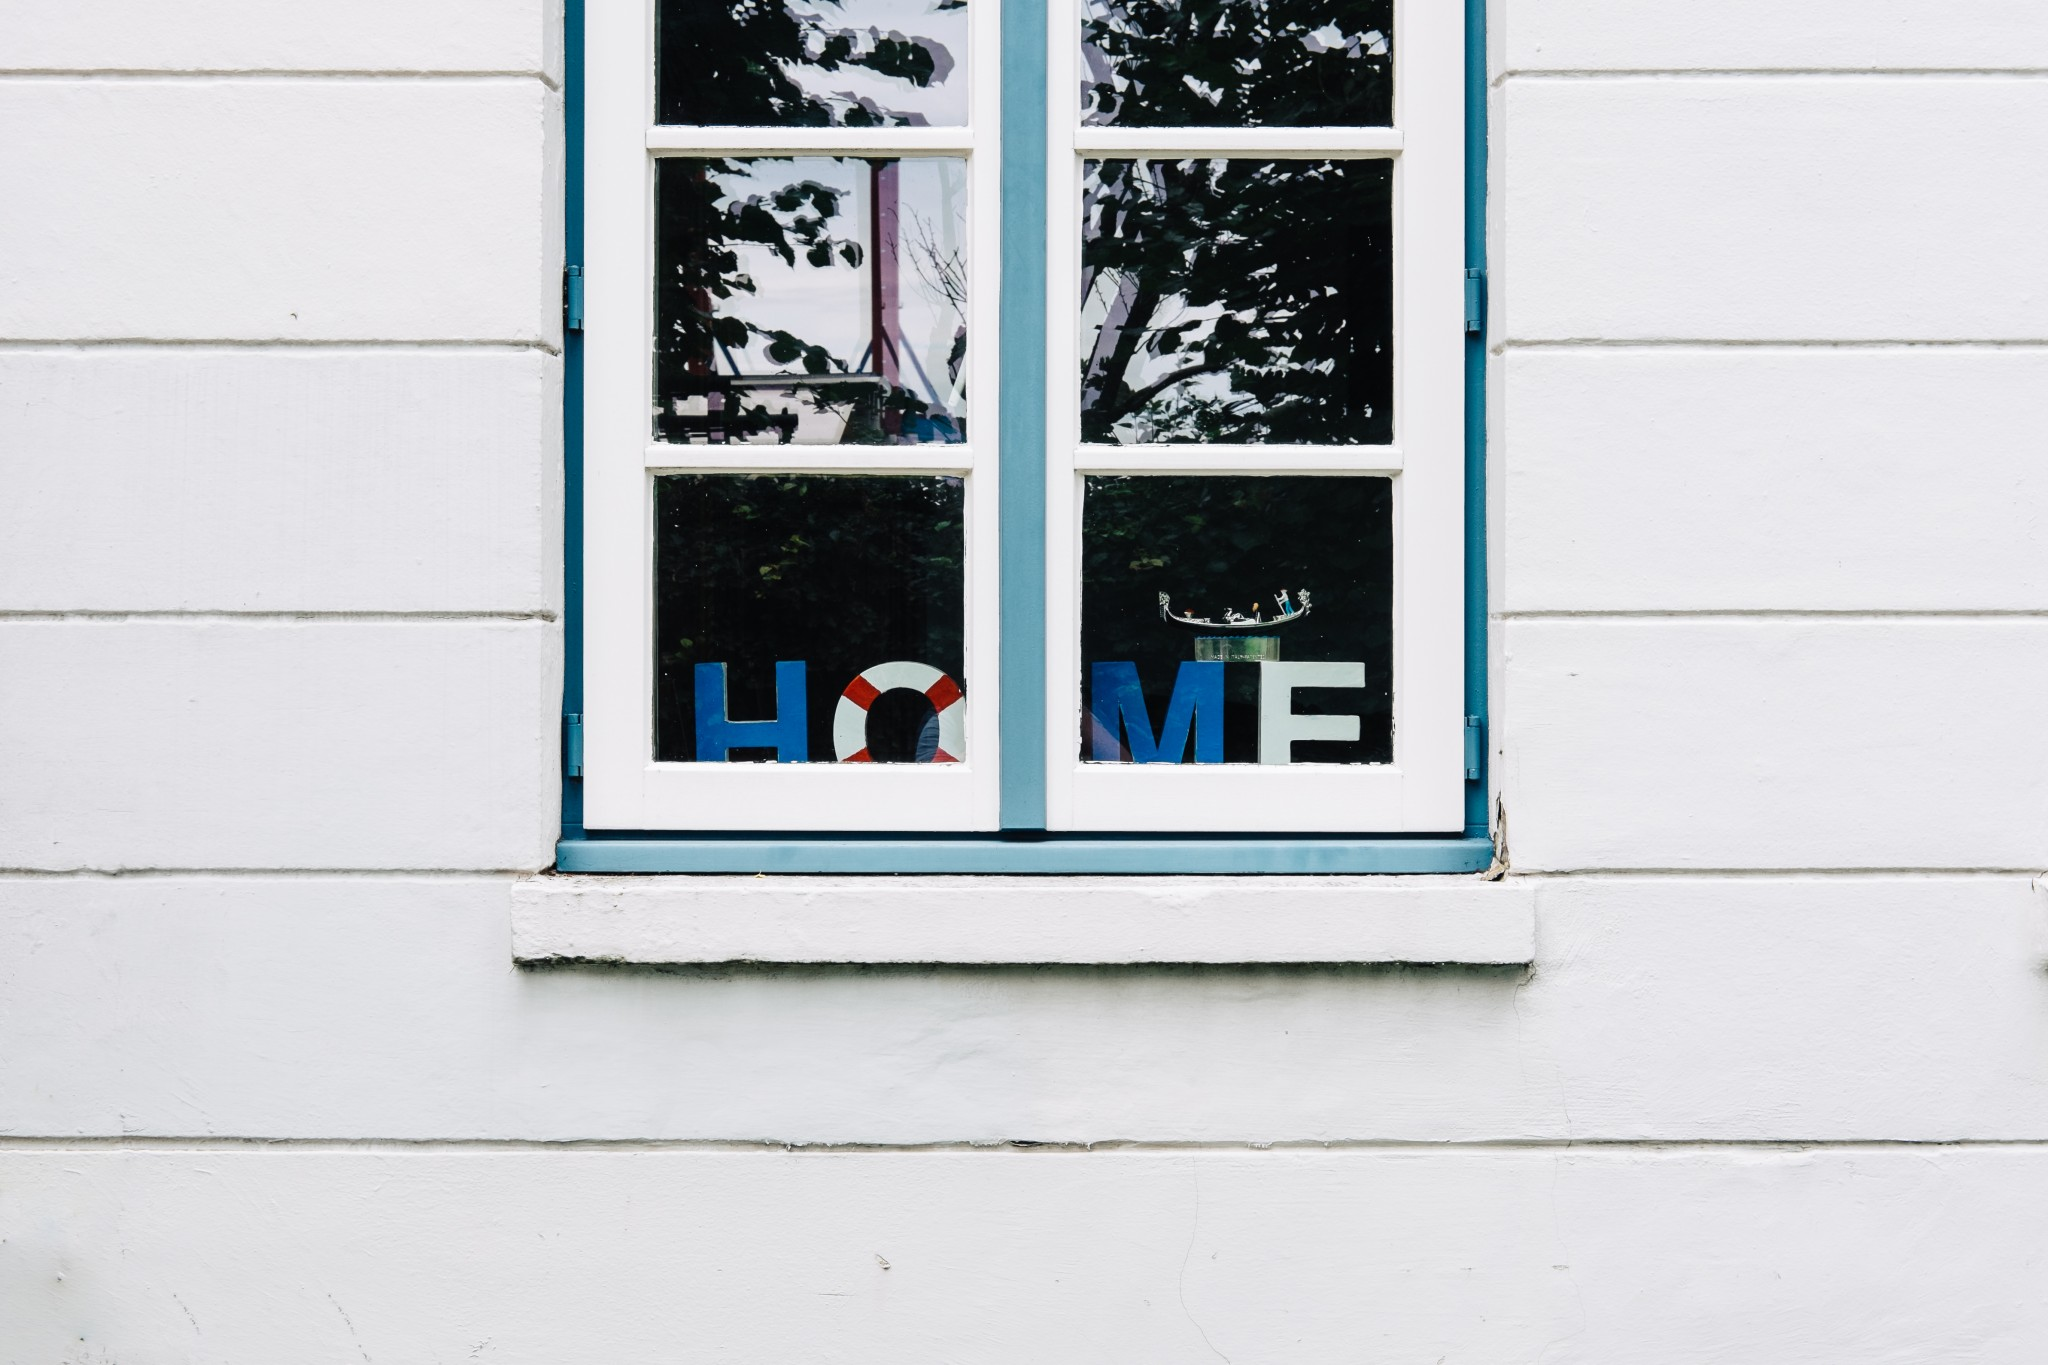 Am Elbstrand bei Ovelgönne